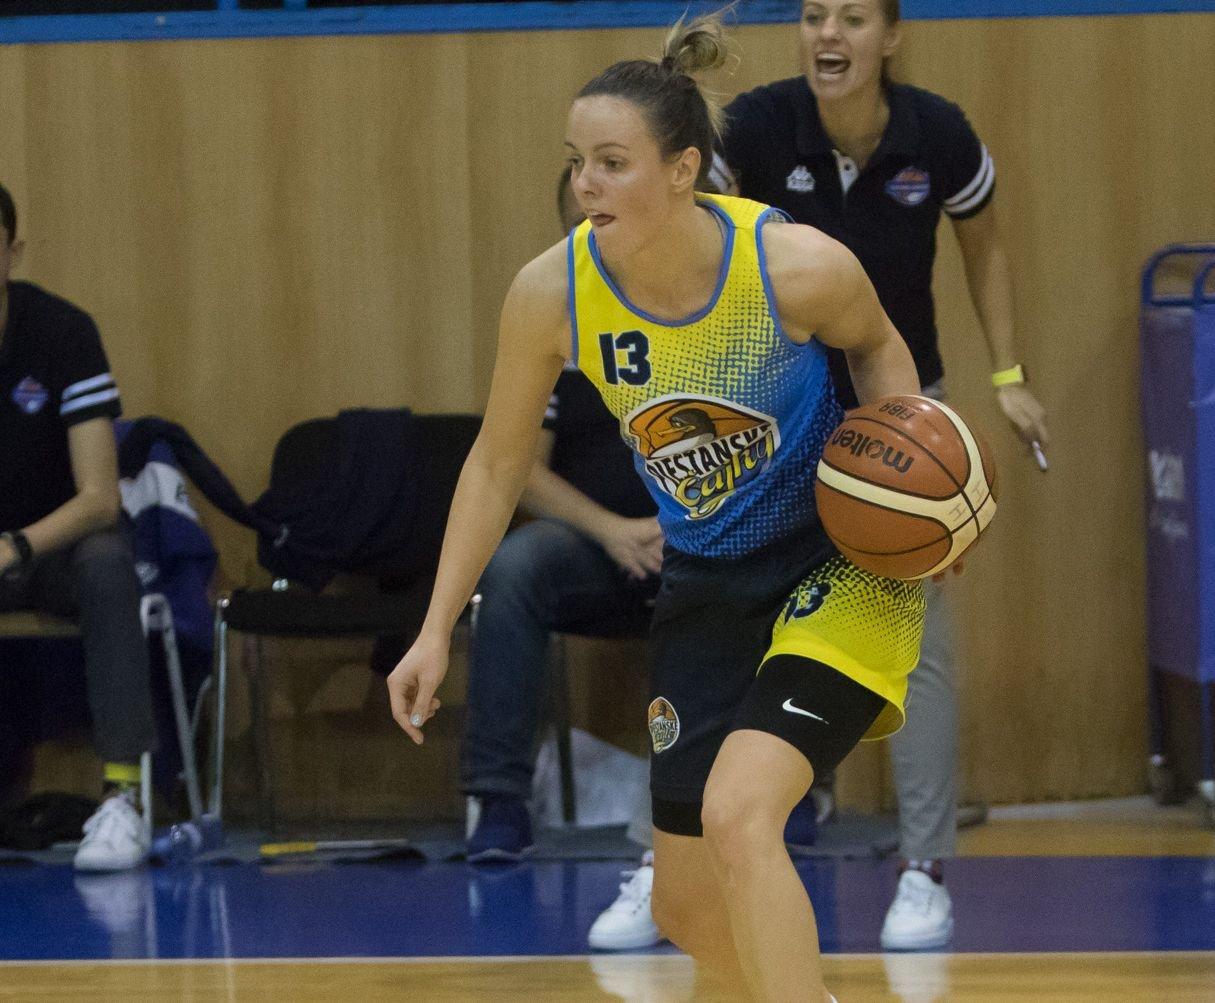 Piešťanské Čajky vyhrali v EWBL vo Švédsku - basket.sk 664facd097d